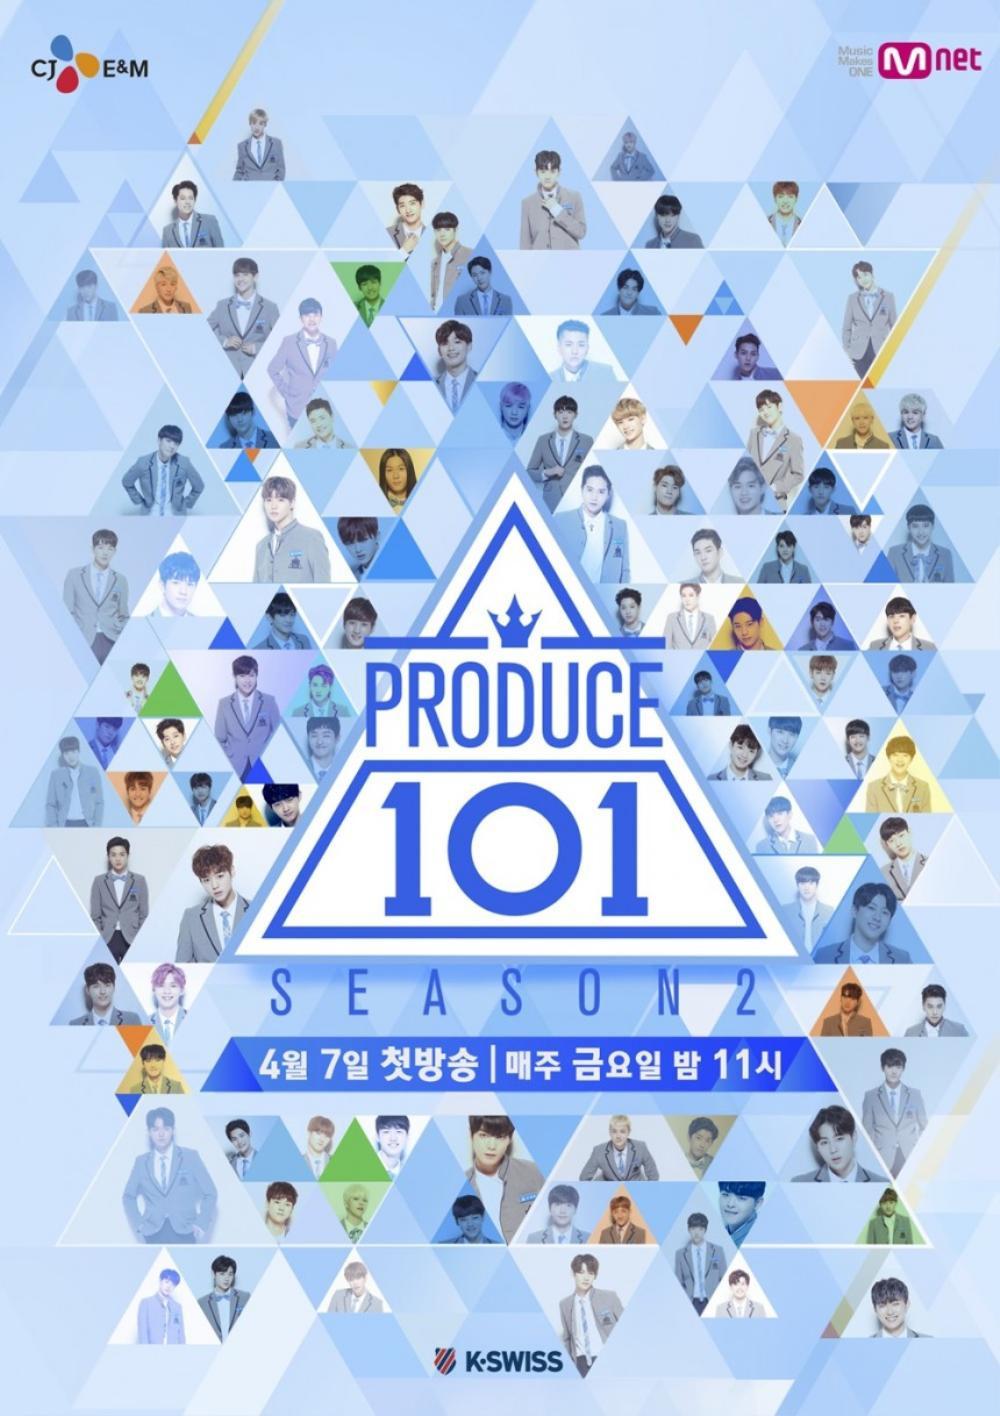 Xác nhận thao túng 3 TTS vào đội hình Wanna One và I.O.I, nhà sản xuất 'Produce 101' dự bị phạt 2,3 tỷ đồng Ảnh 2